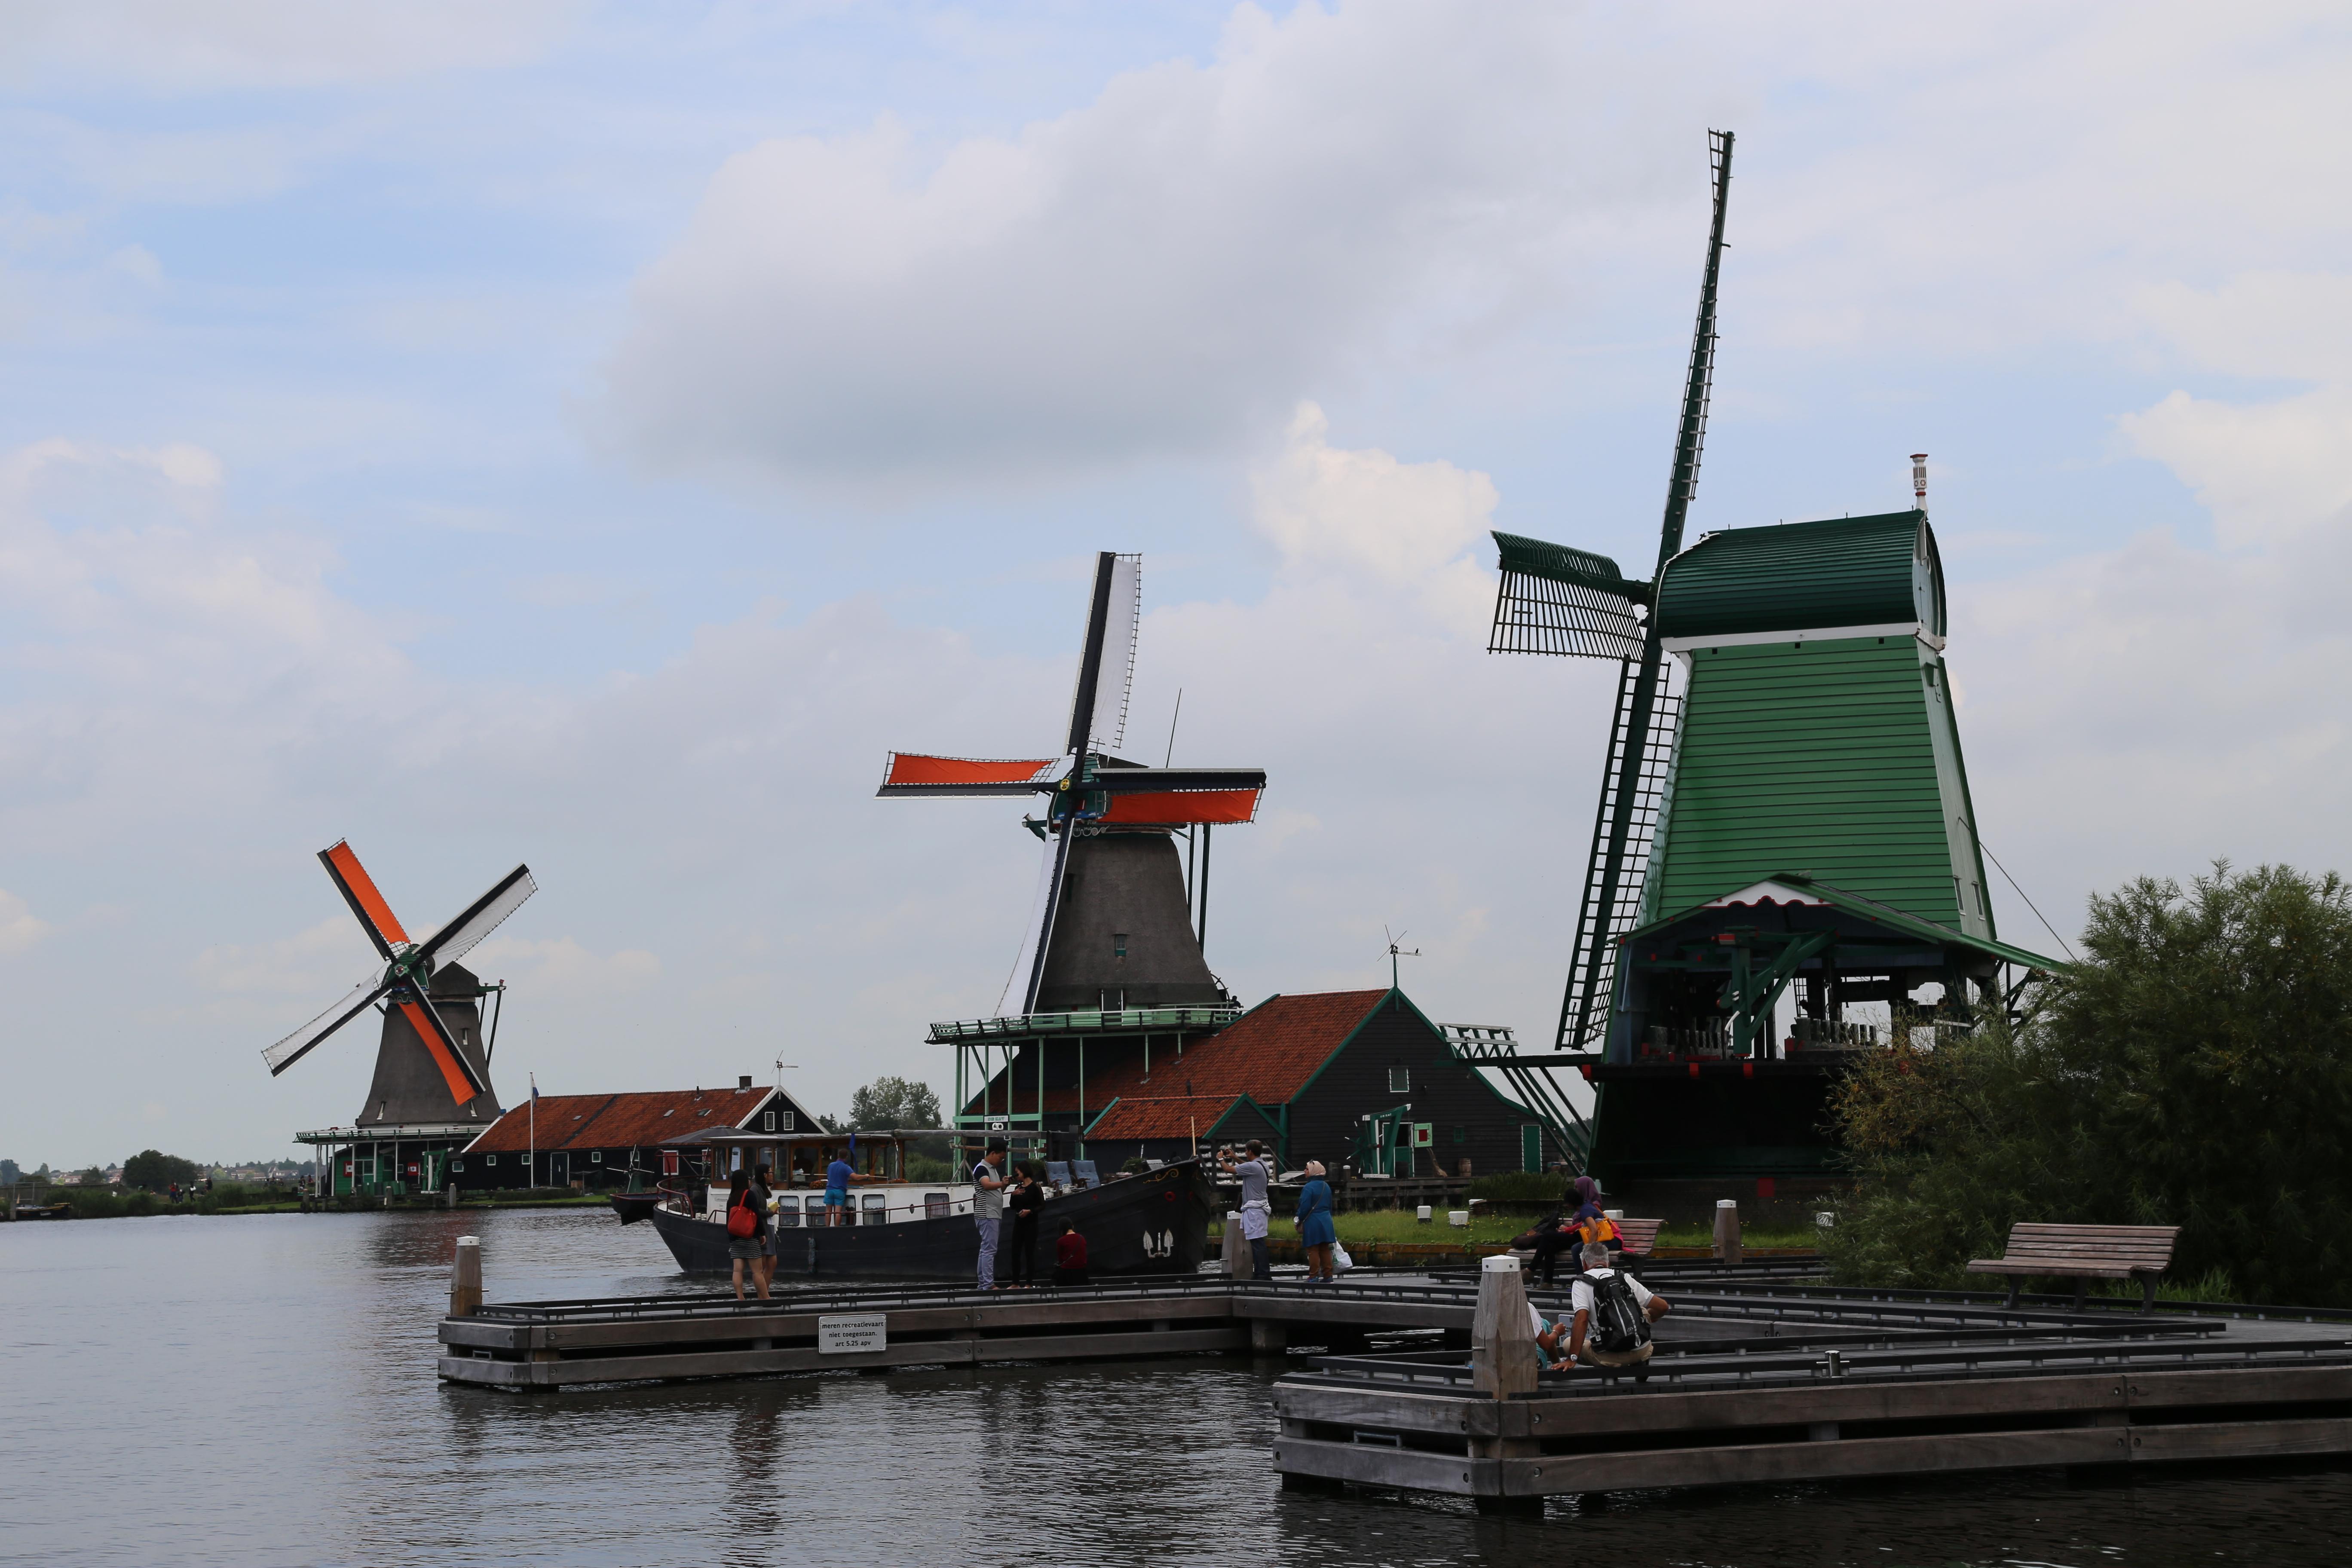 Zaanse Schans (Olanda)